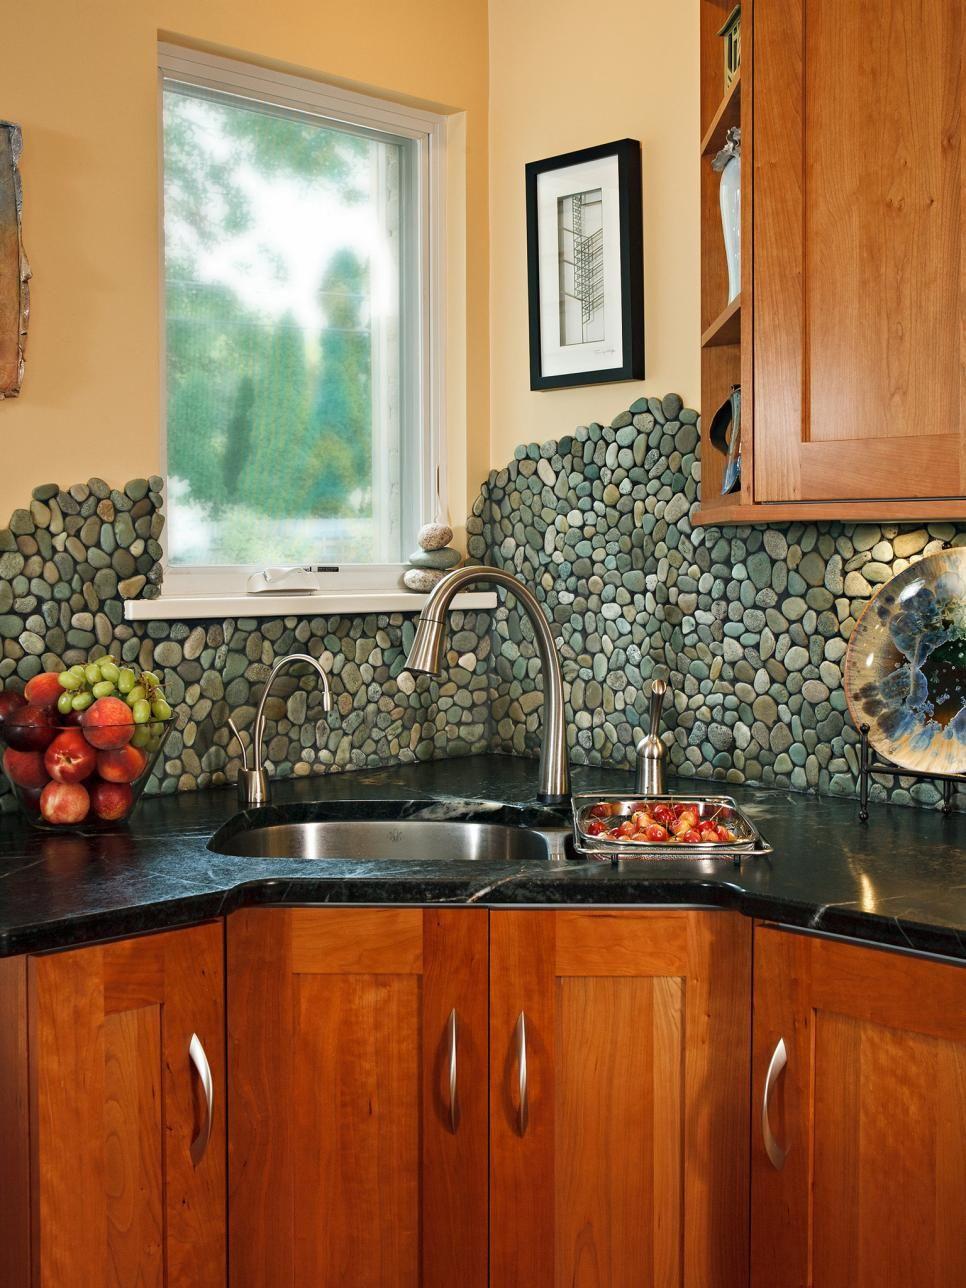 pinterest kitchen backsplash ideas Best 25+ Kitchen backsplash photos ideas on Pinterest | Sink on island, Kitchen cabinets and